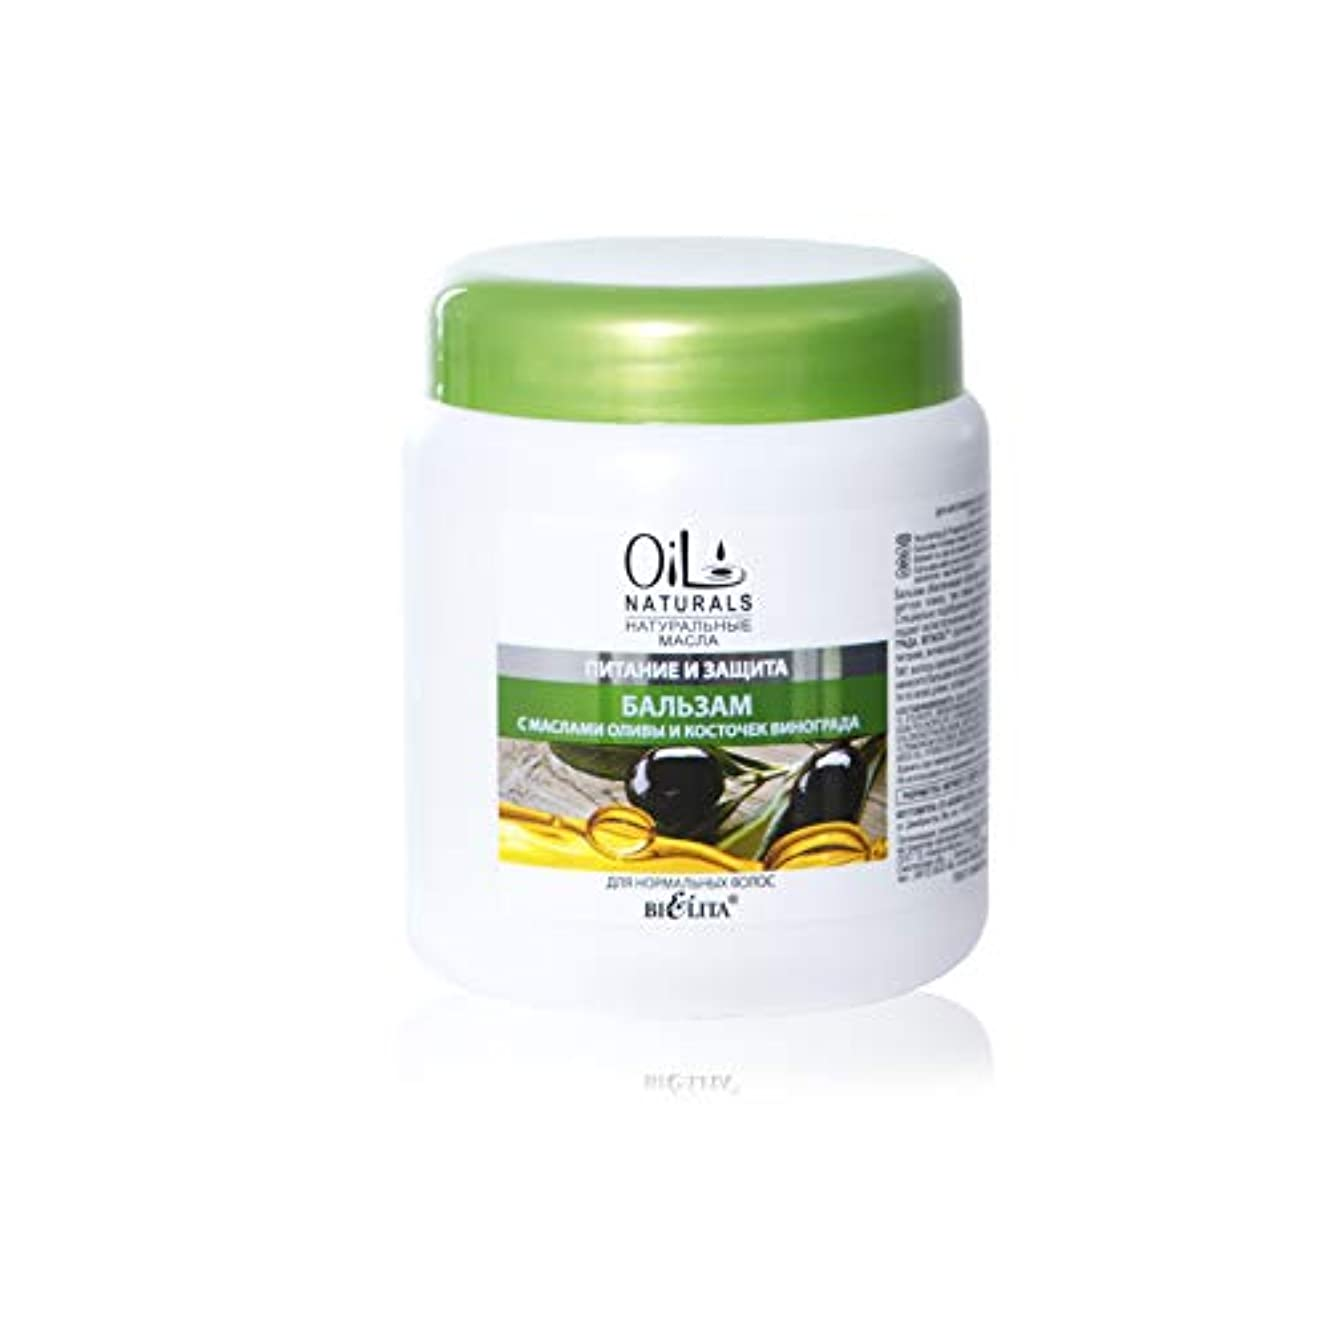 スイ午後財団Bielita & Vitex Oil Naturals Line | Nutrition & Protection Balm for Normal Hair, 450 ml | Grape Seed Oil, Silk...